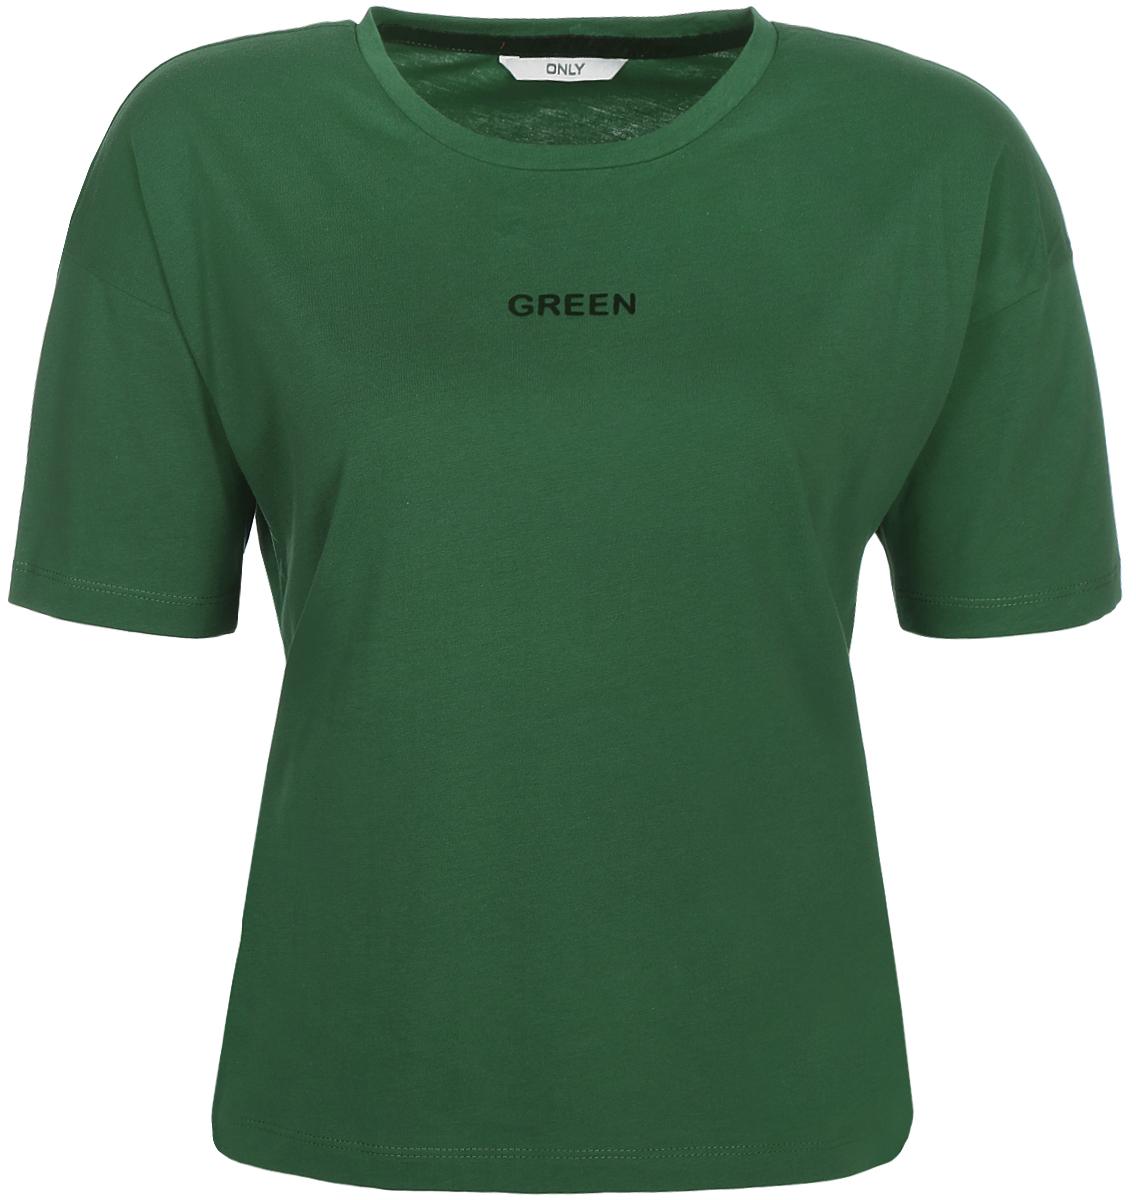 Футболка женская Only, цвет: зеленый. 15150344_Dark Green. Размер 42/44 only a promise